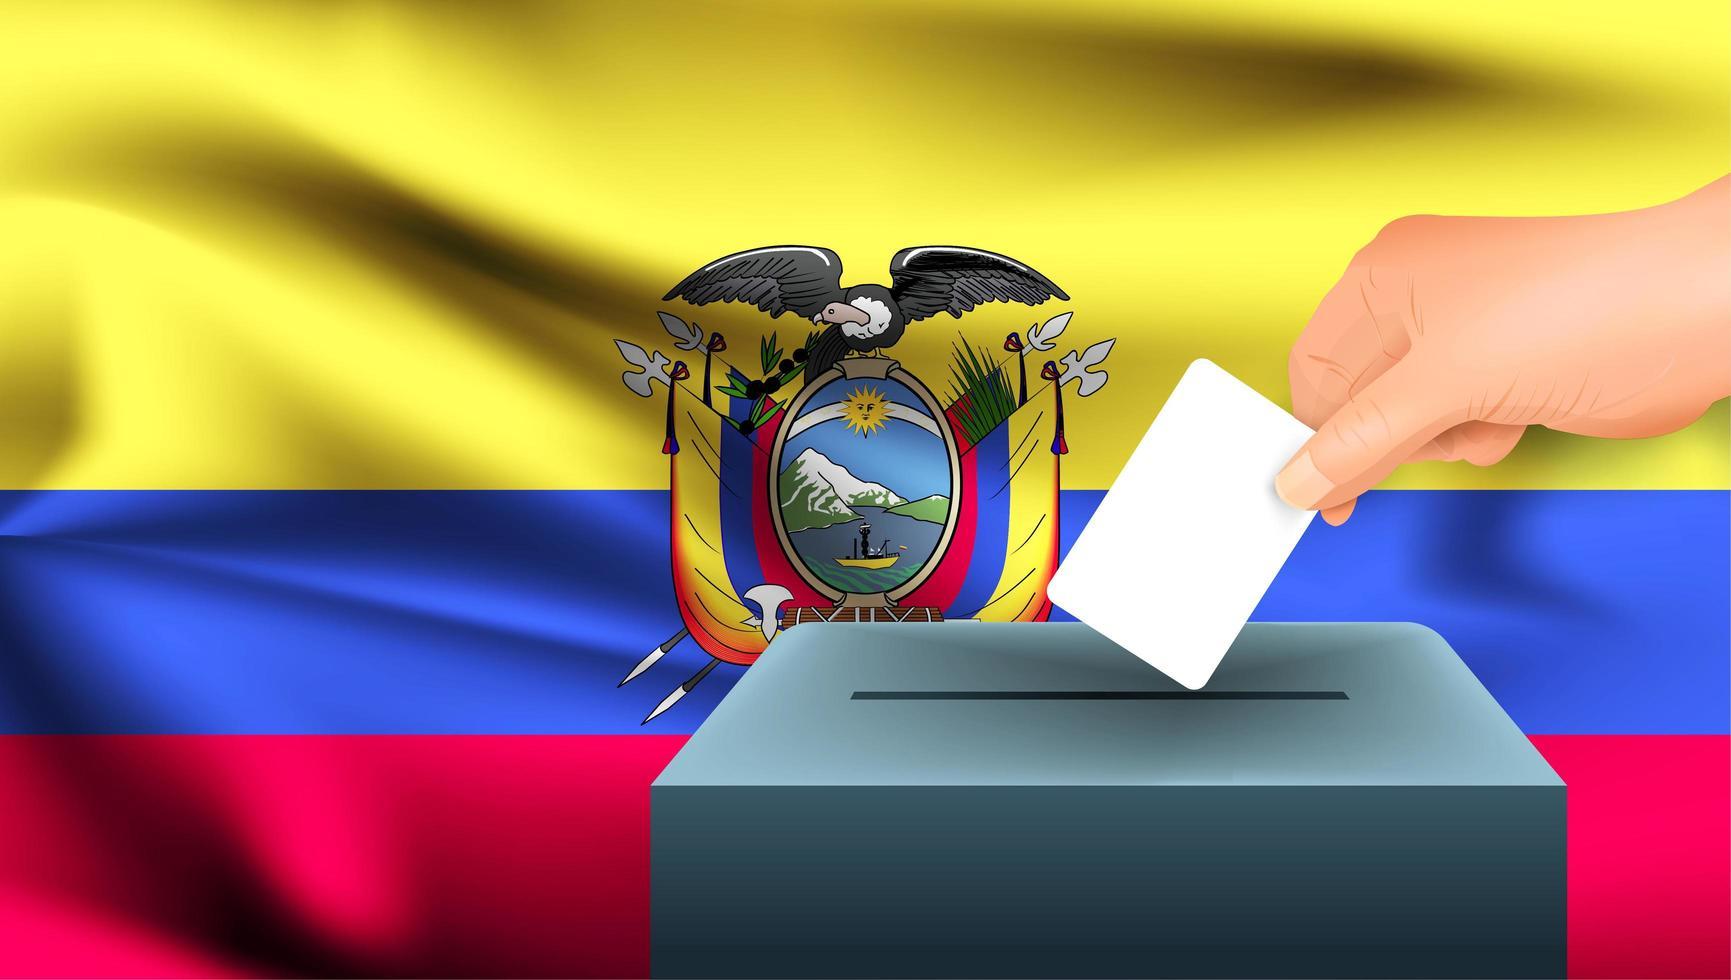 mão colocando a cédula na urna com a bandeira equadoriana vetor